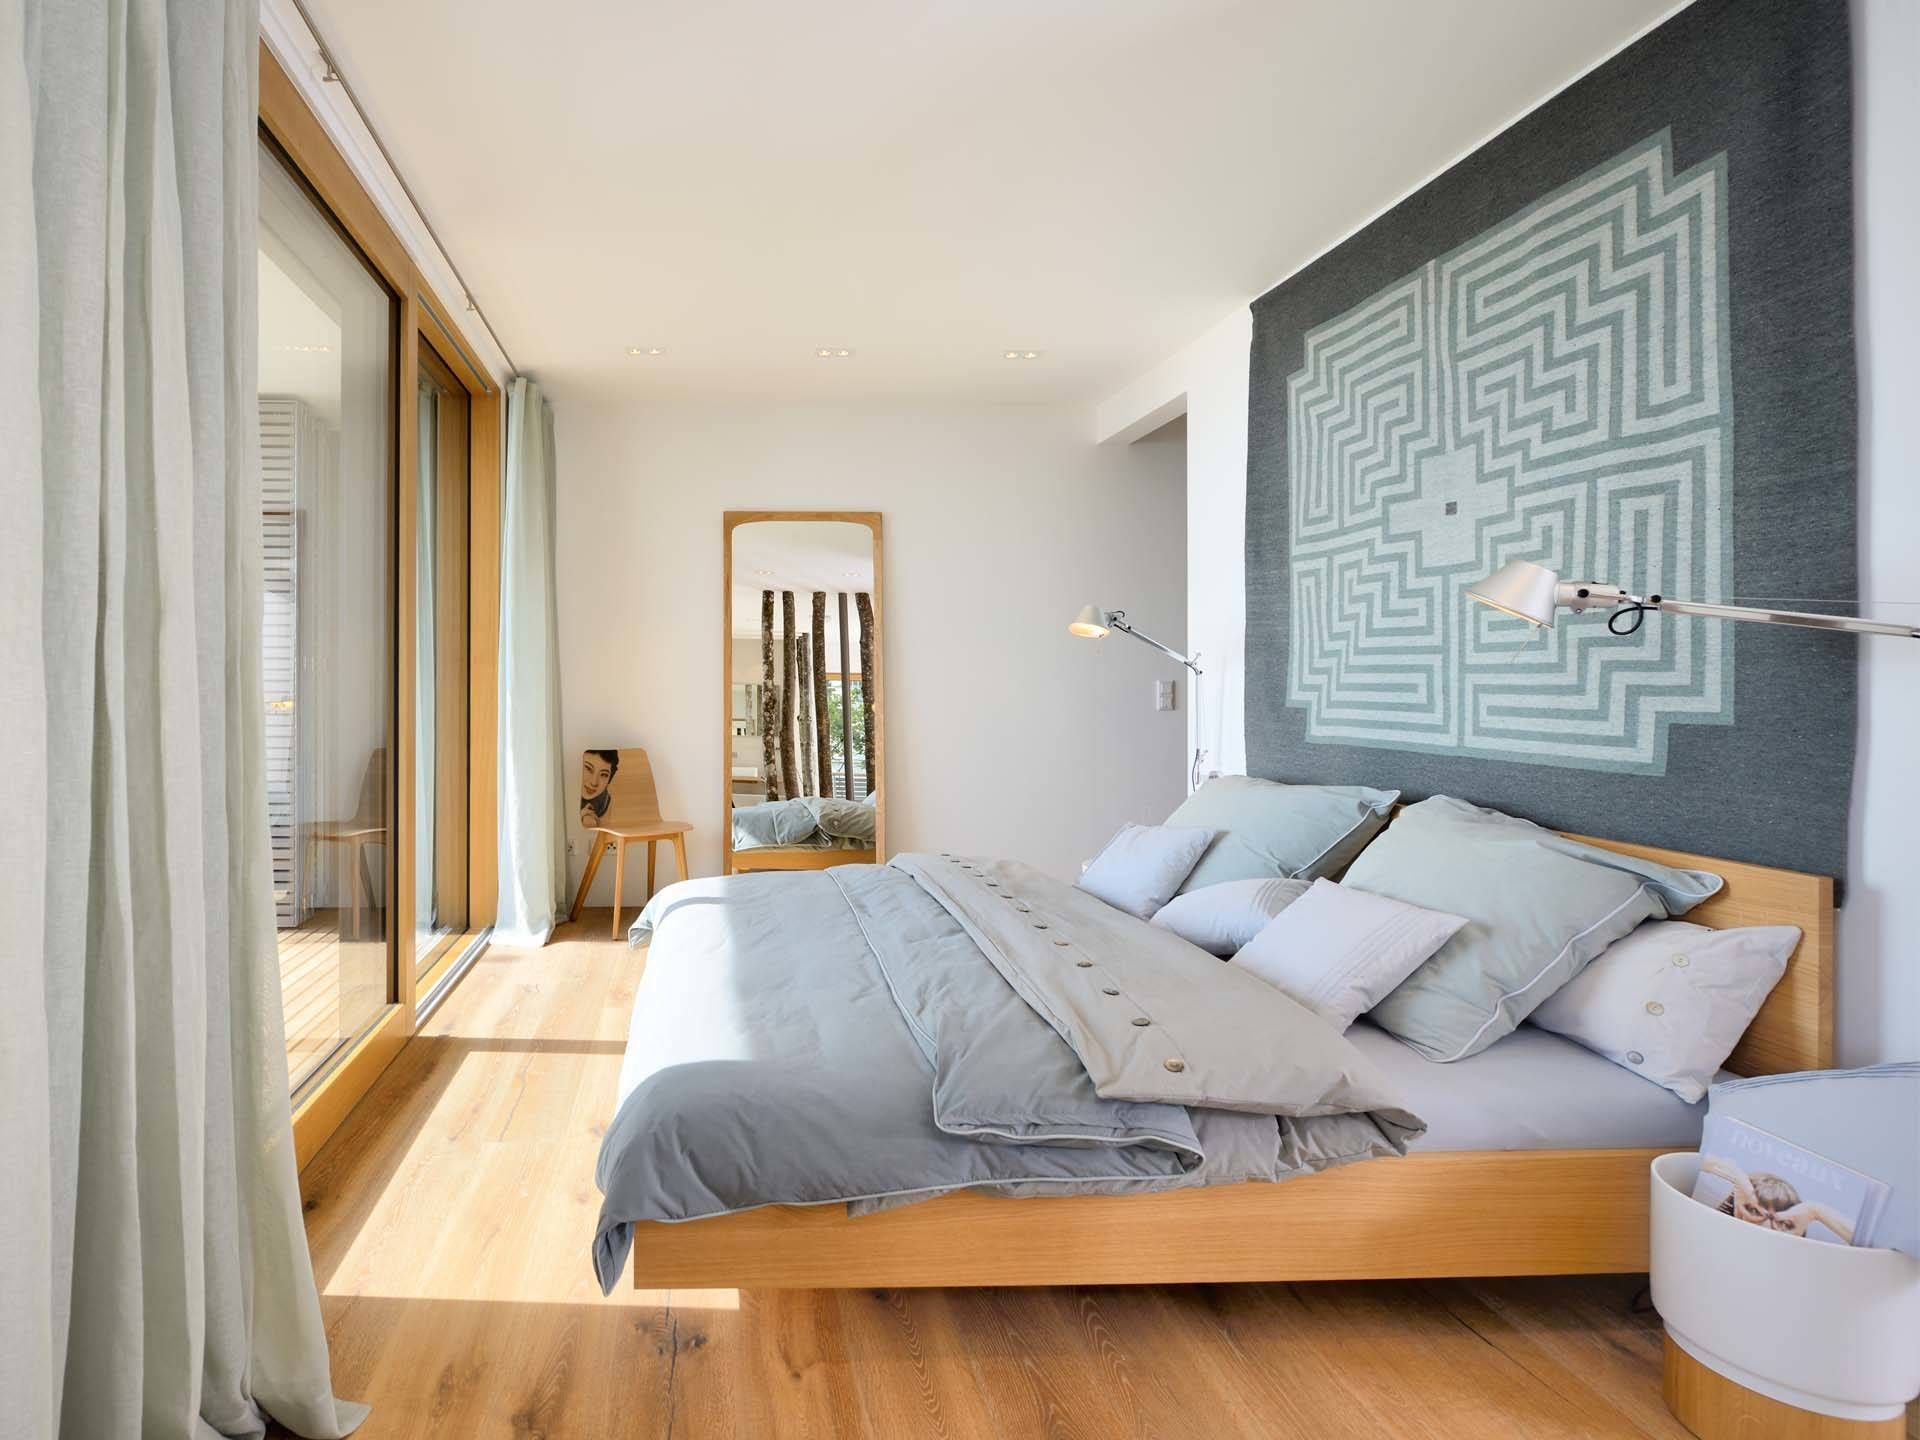 Schlafzimmer im Musterhaus Haus am See von Baufritz • Mit ...